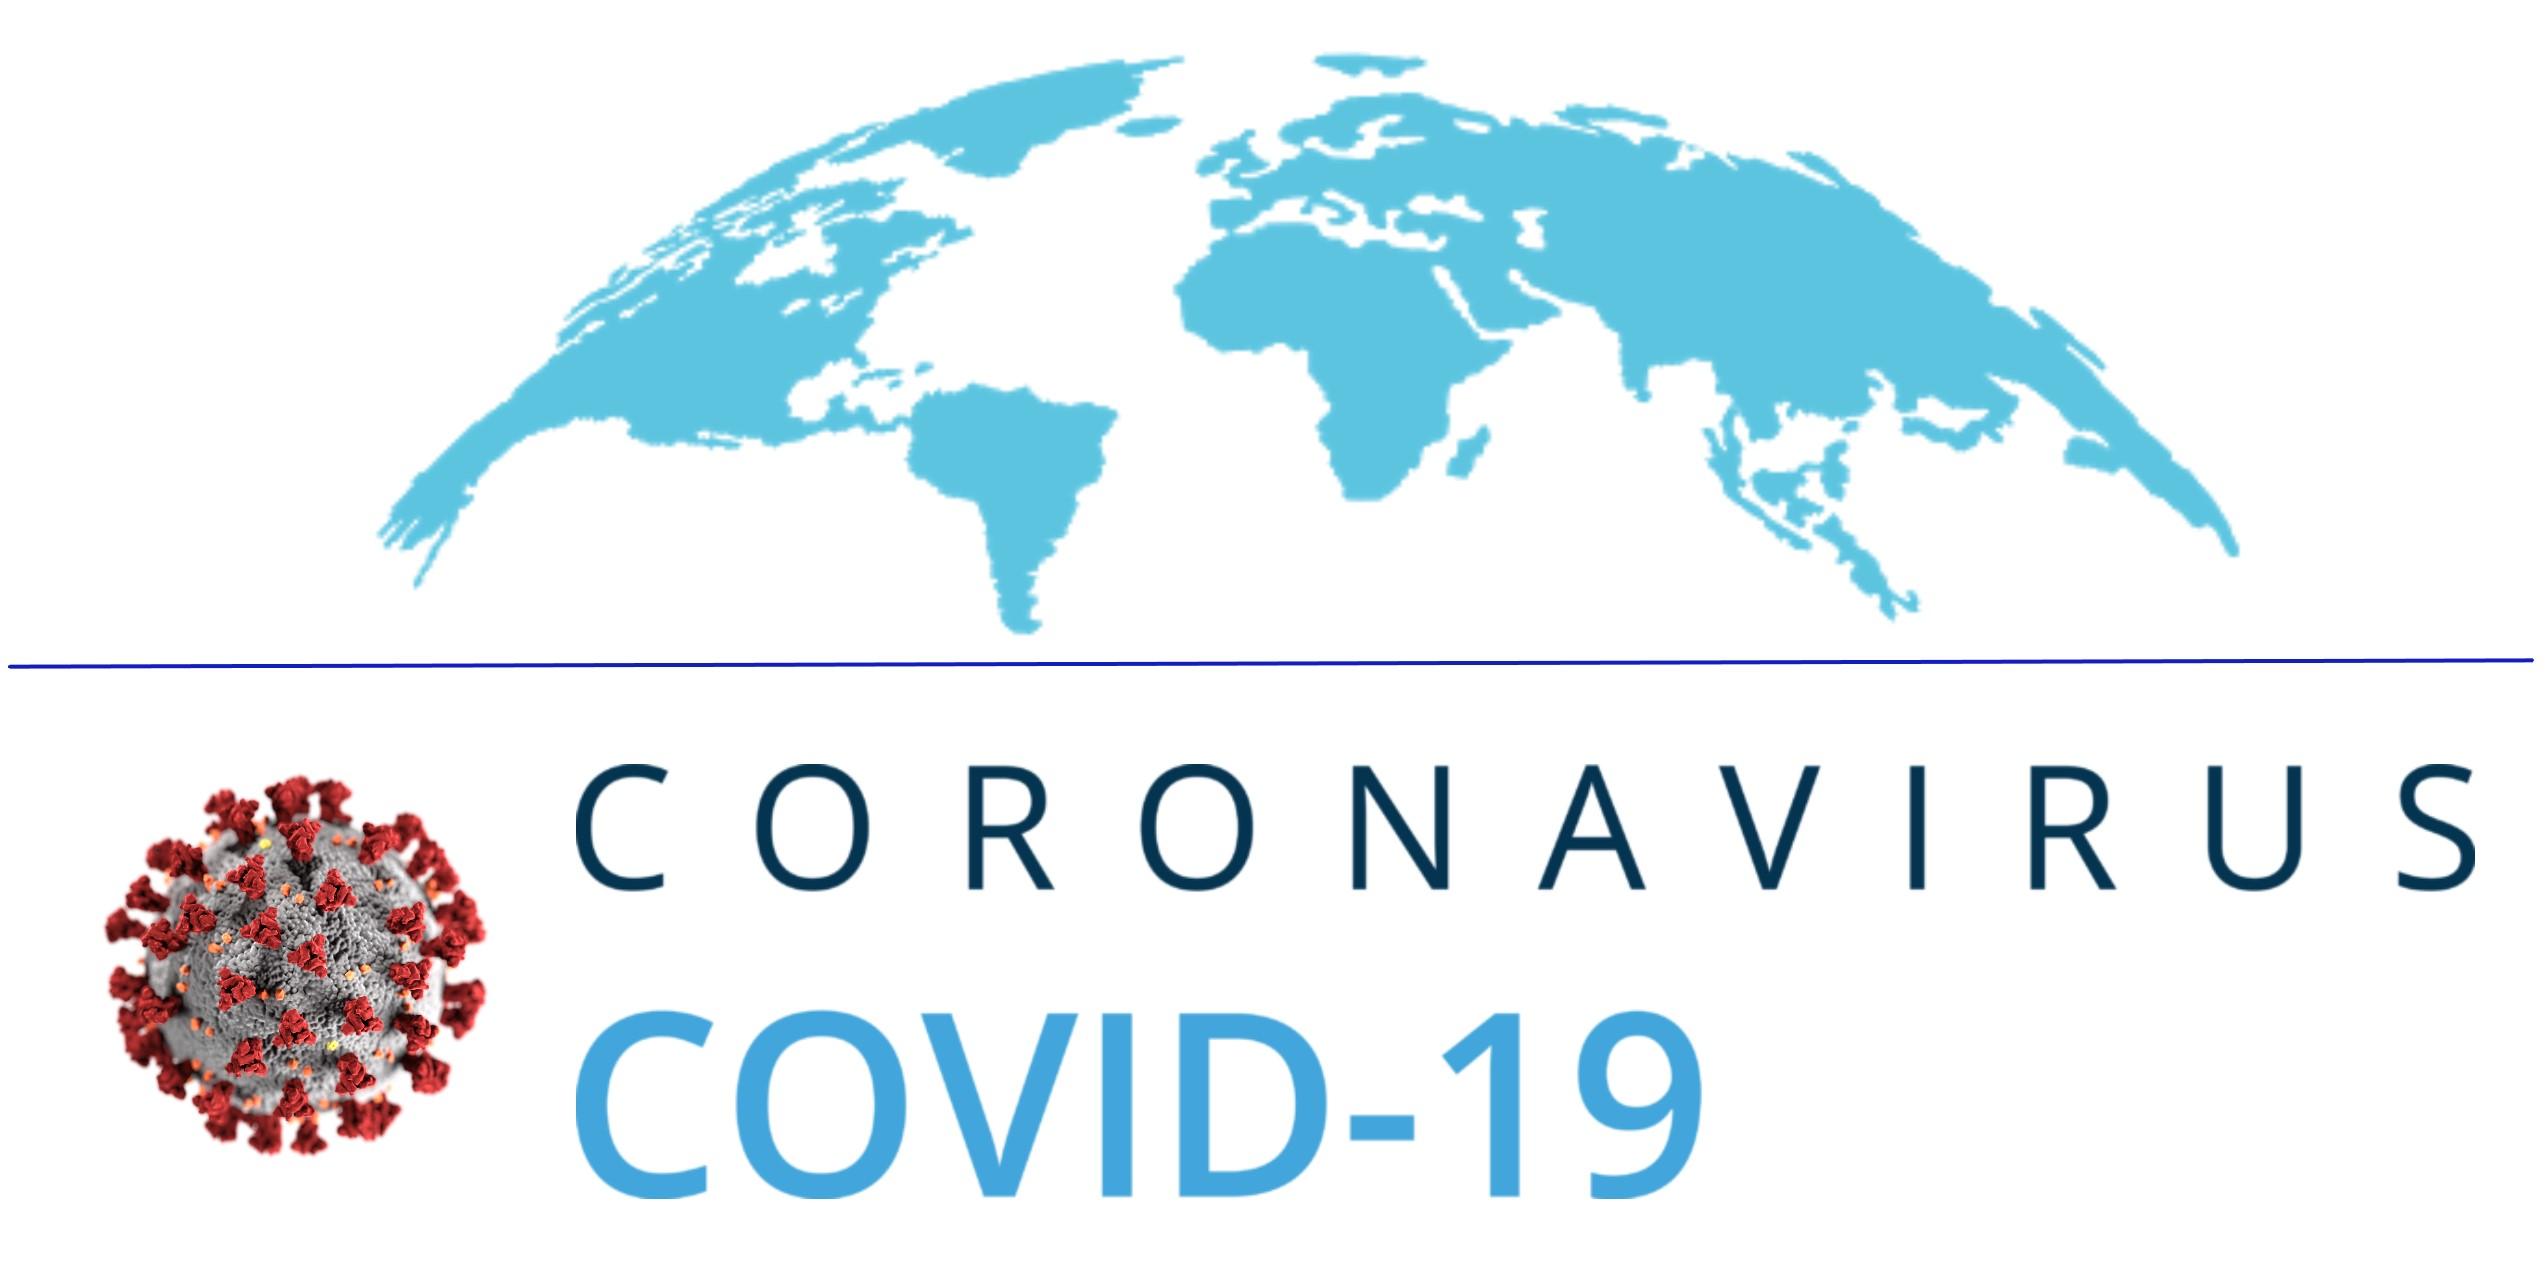 Dünya genelinde koronavirüs bilançosu açıklandı! Vaka sayısı 12 milyon 404 bini geçti